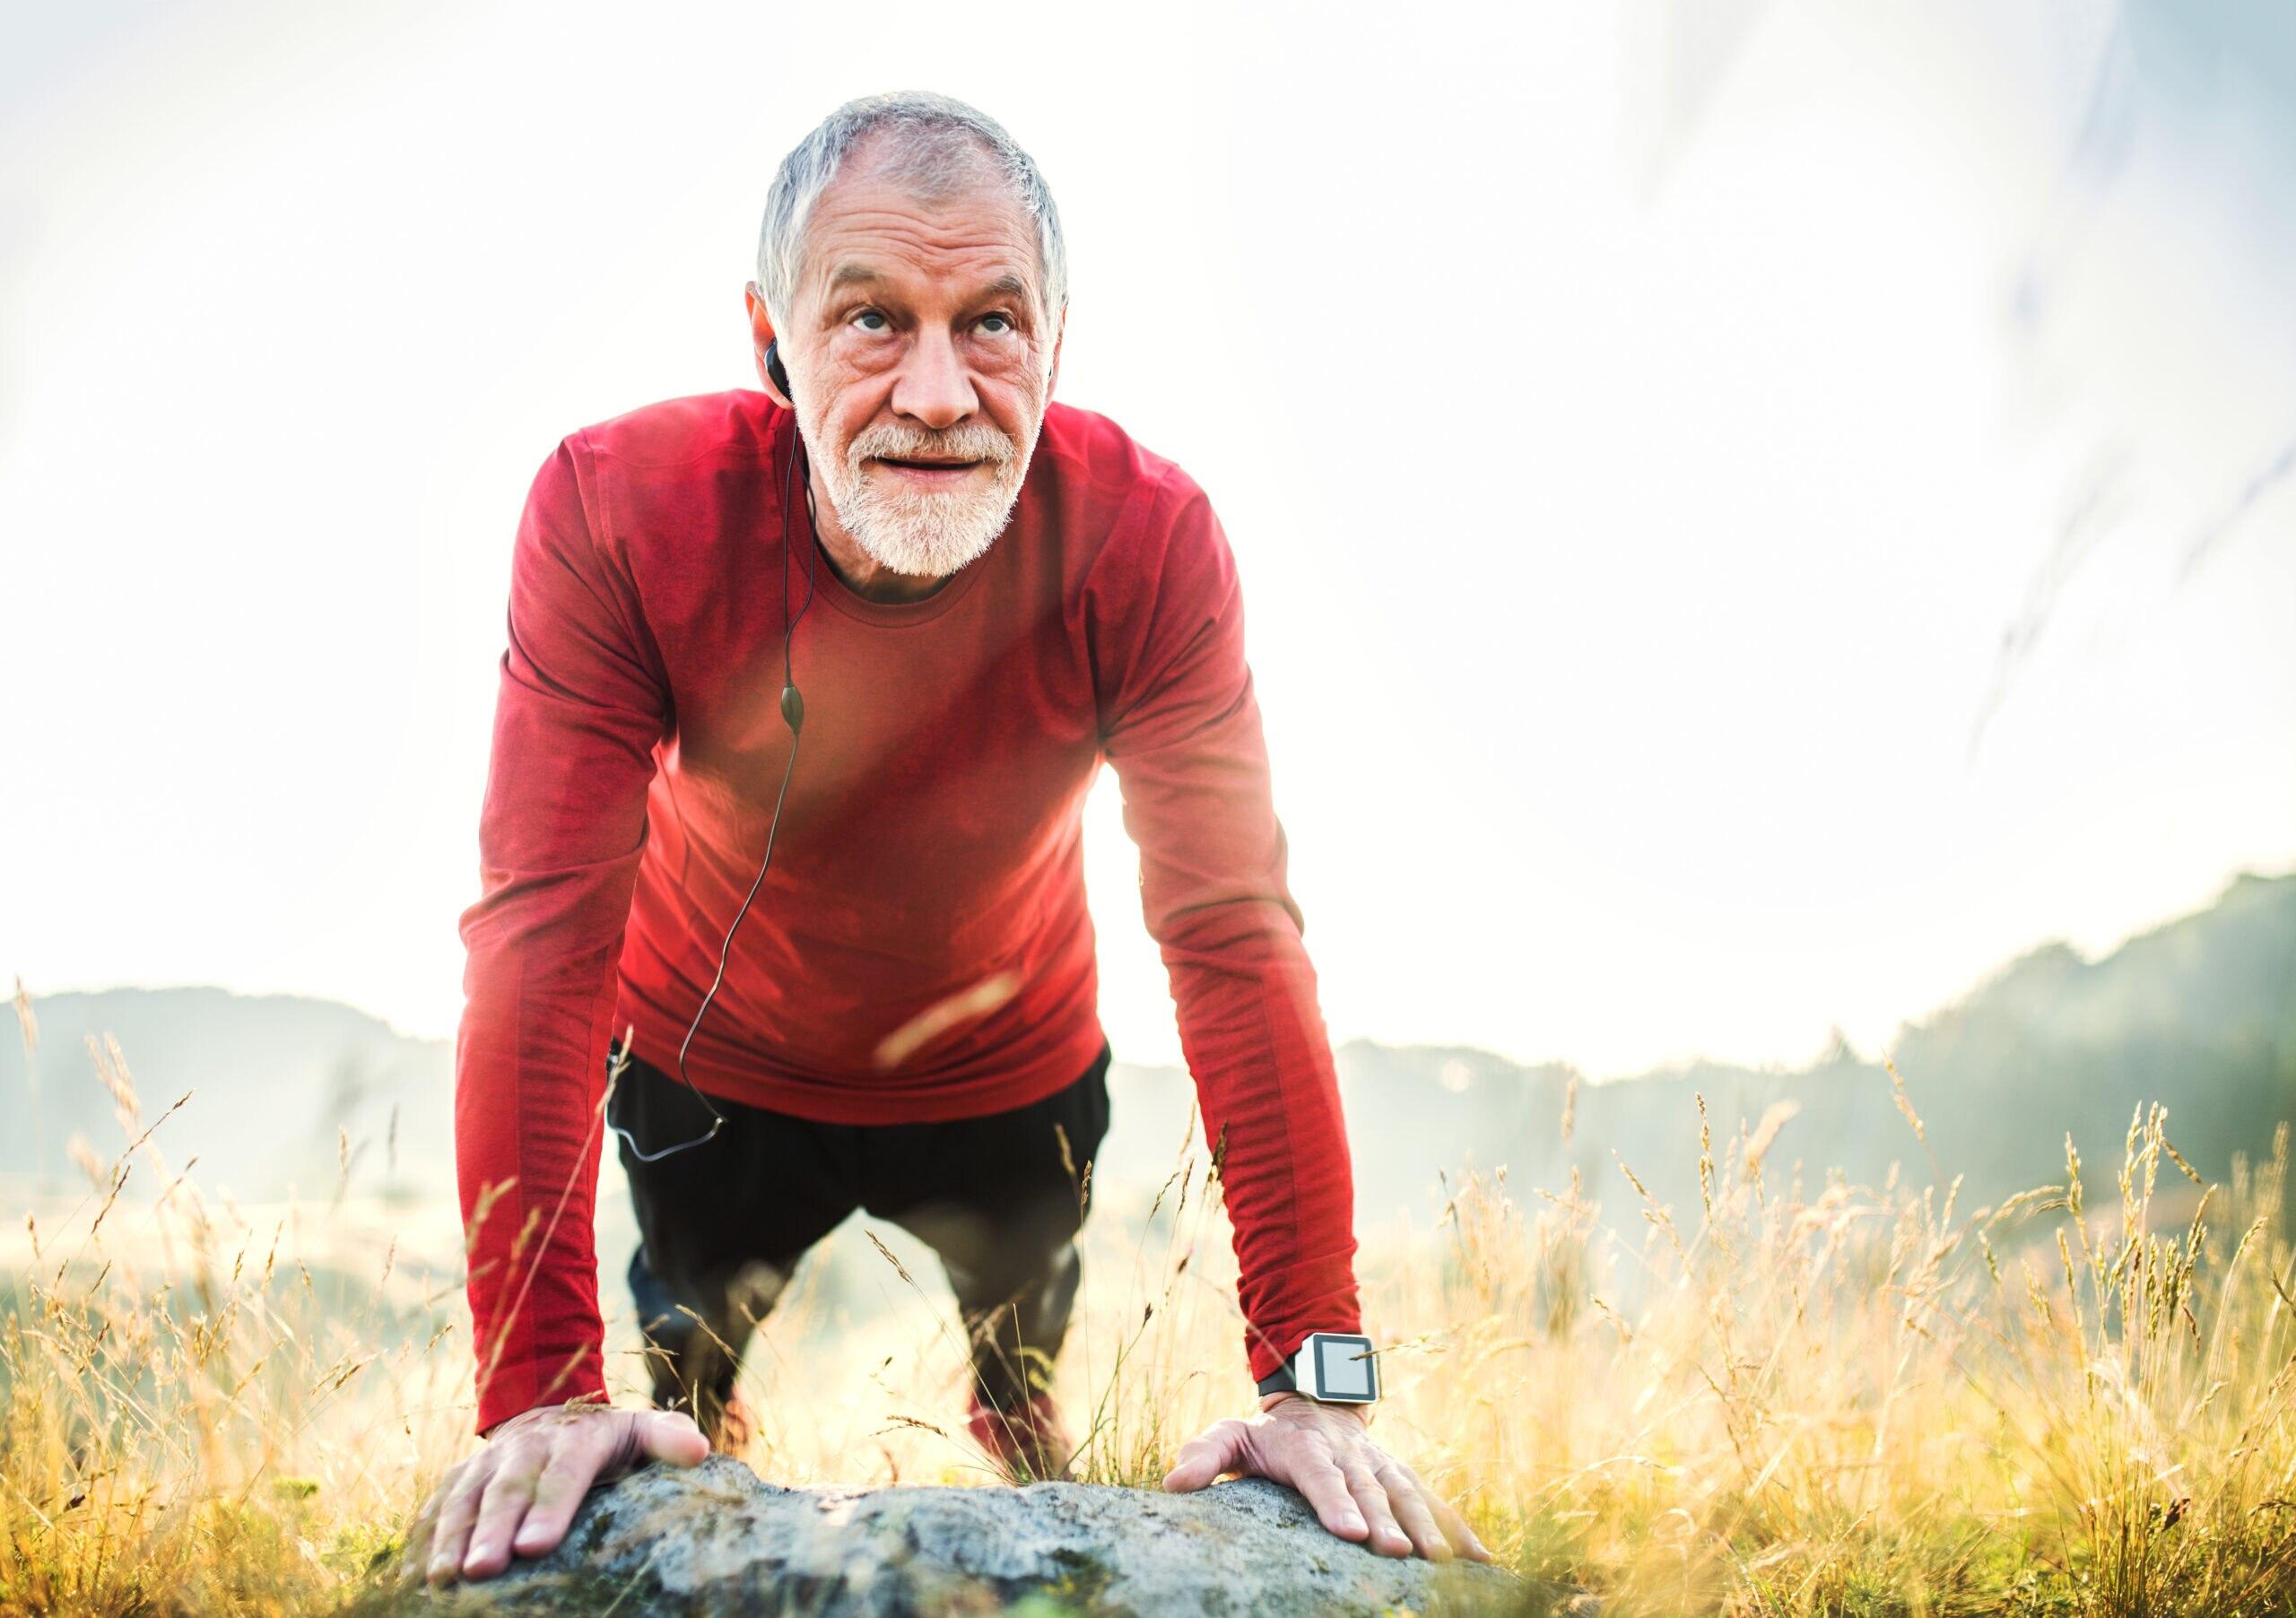 Studie-mit-M-nner-zwischen-50-und-70-Mehrmals-pro-Woche-Sport-ist-besser-f-r-die-Gef-e-als-Testosteron